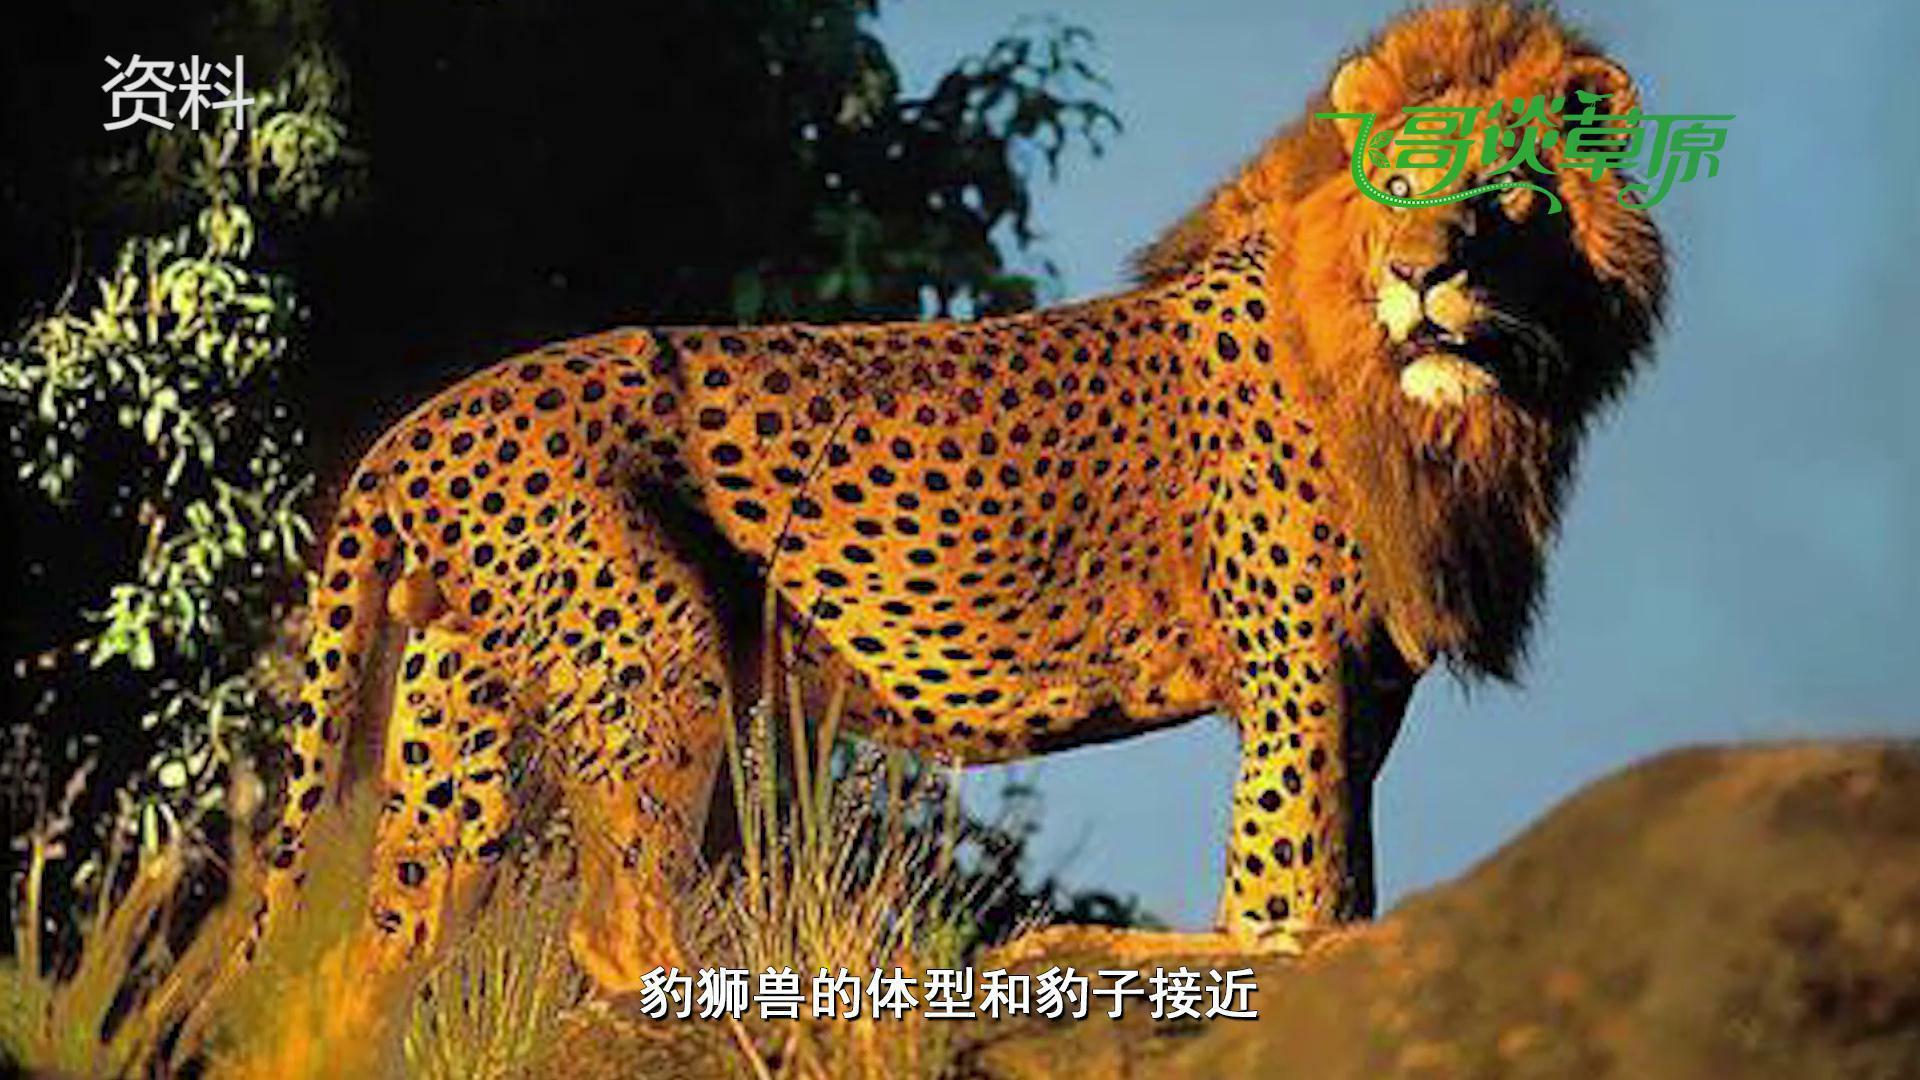 人与动物做爱1715ia{0_日本动物园出现豹狮兽,把雌狮麻醉后,让雄豹与其交配产生